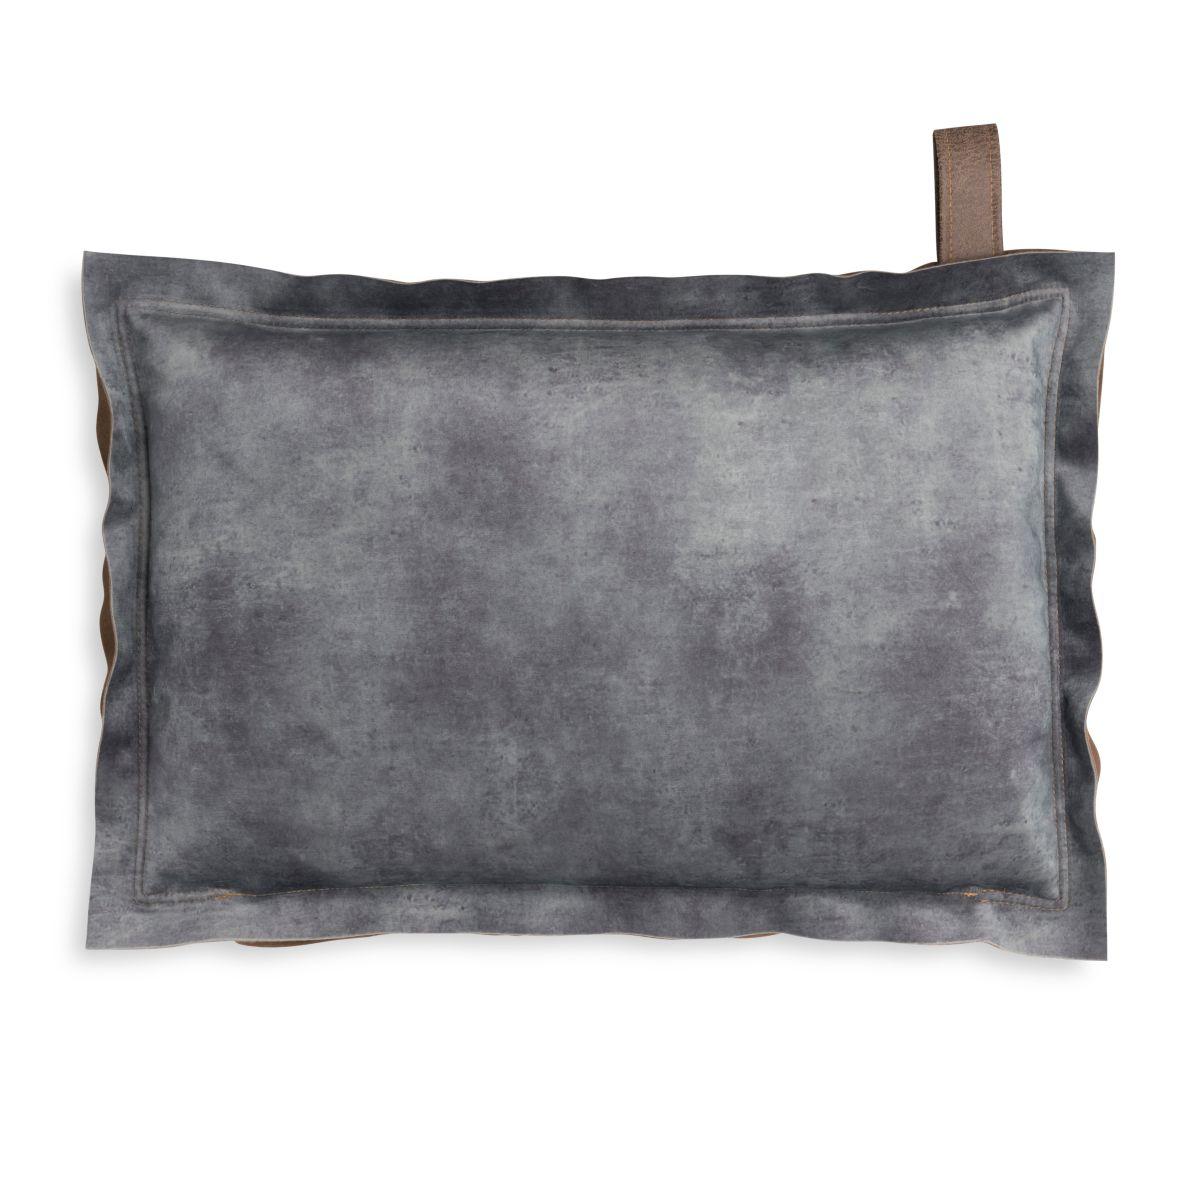 dax cushion anthracite 60x40